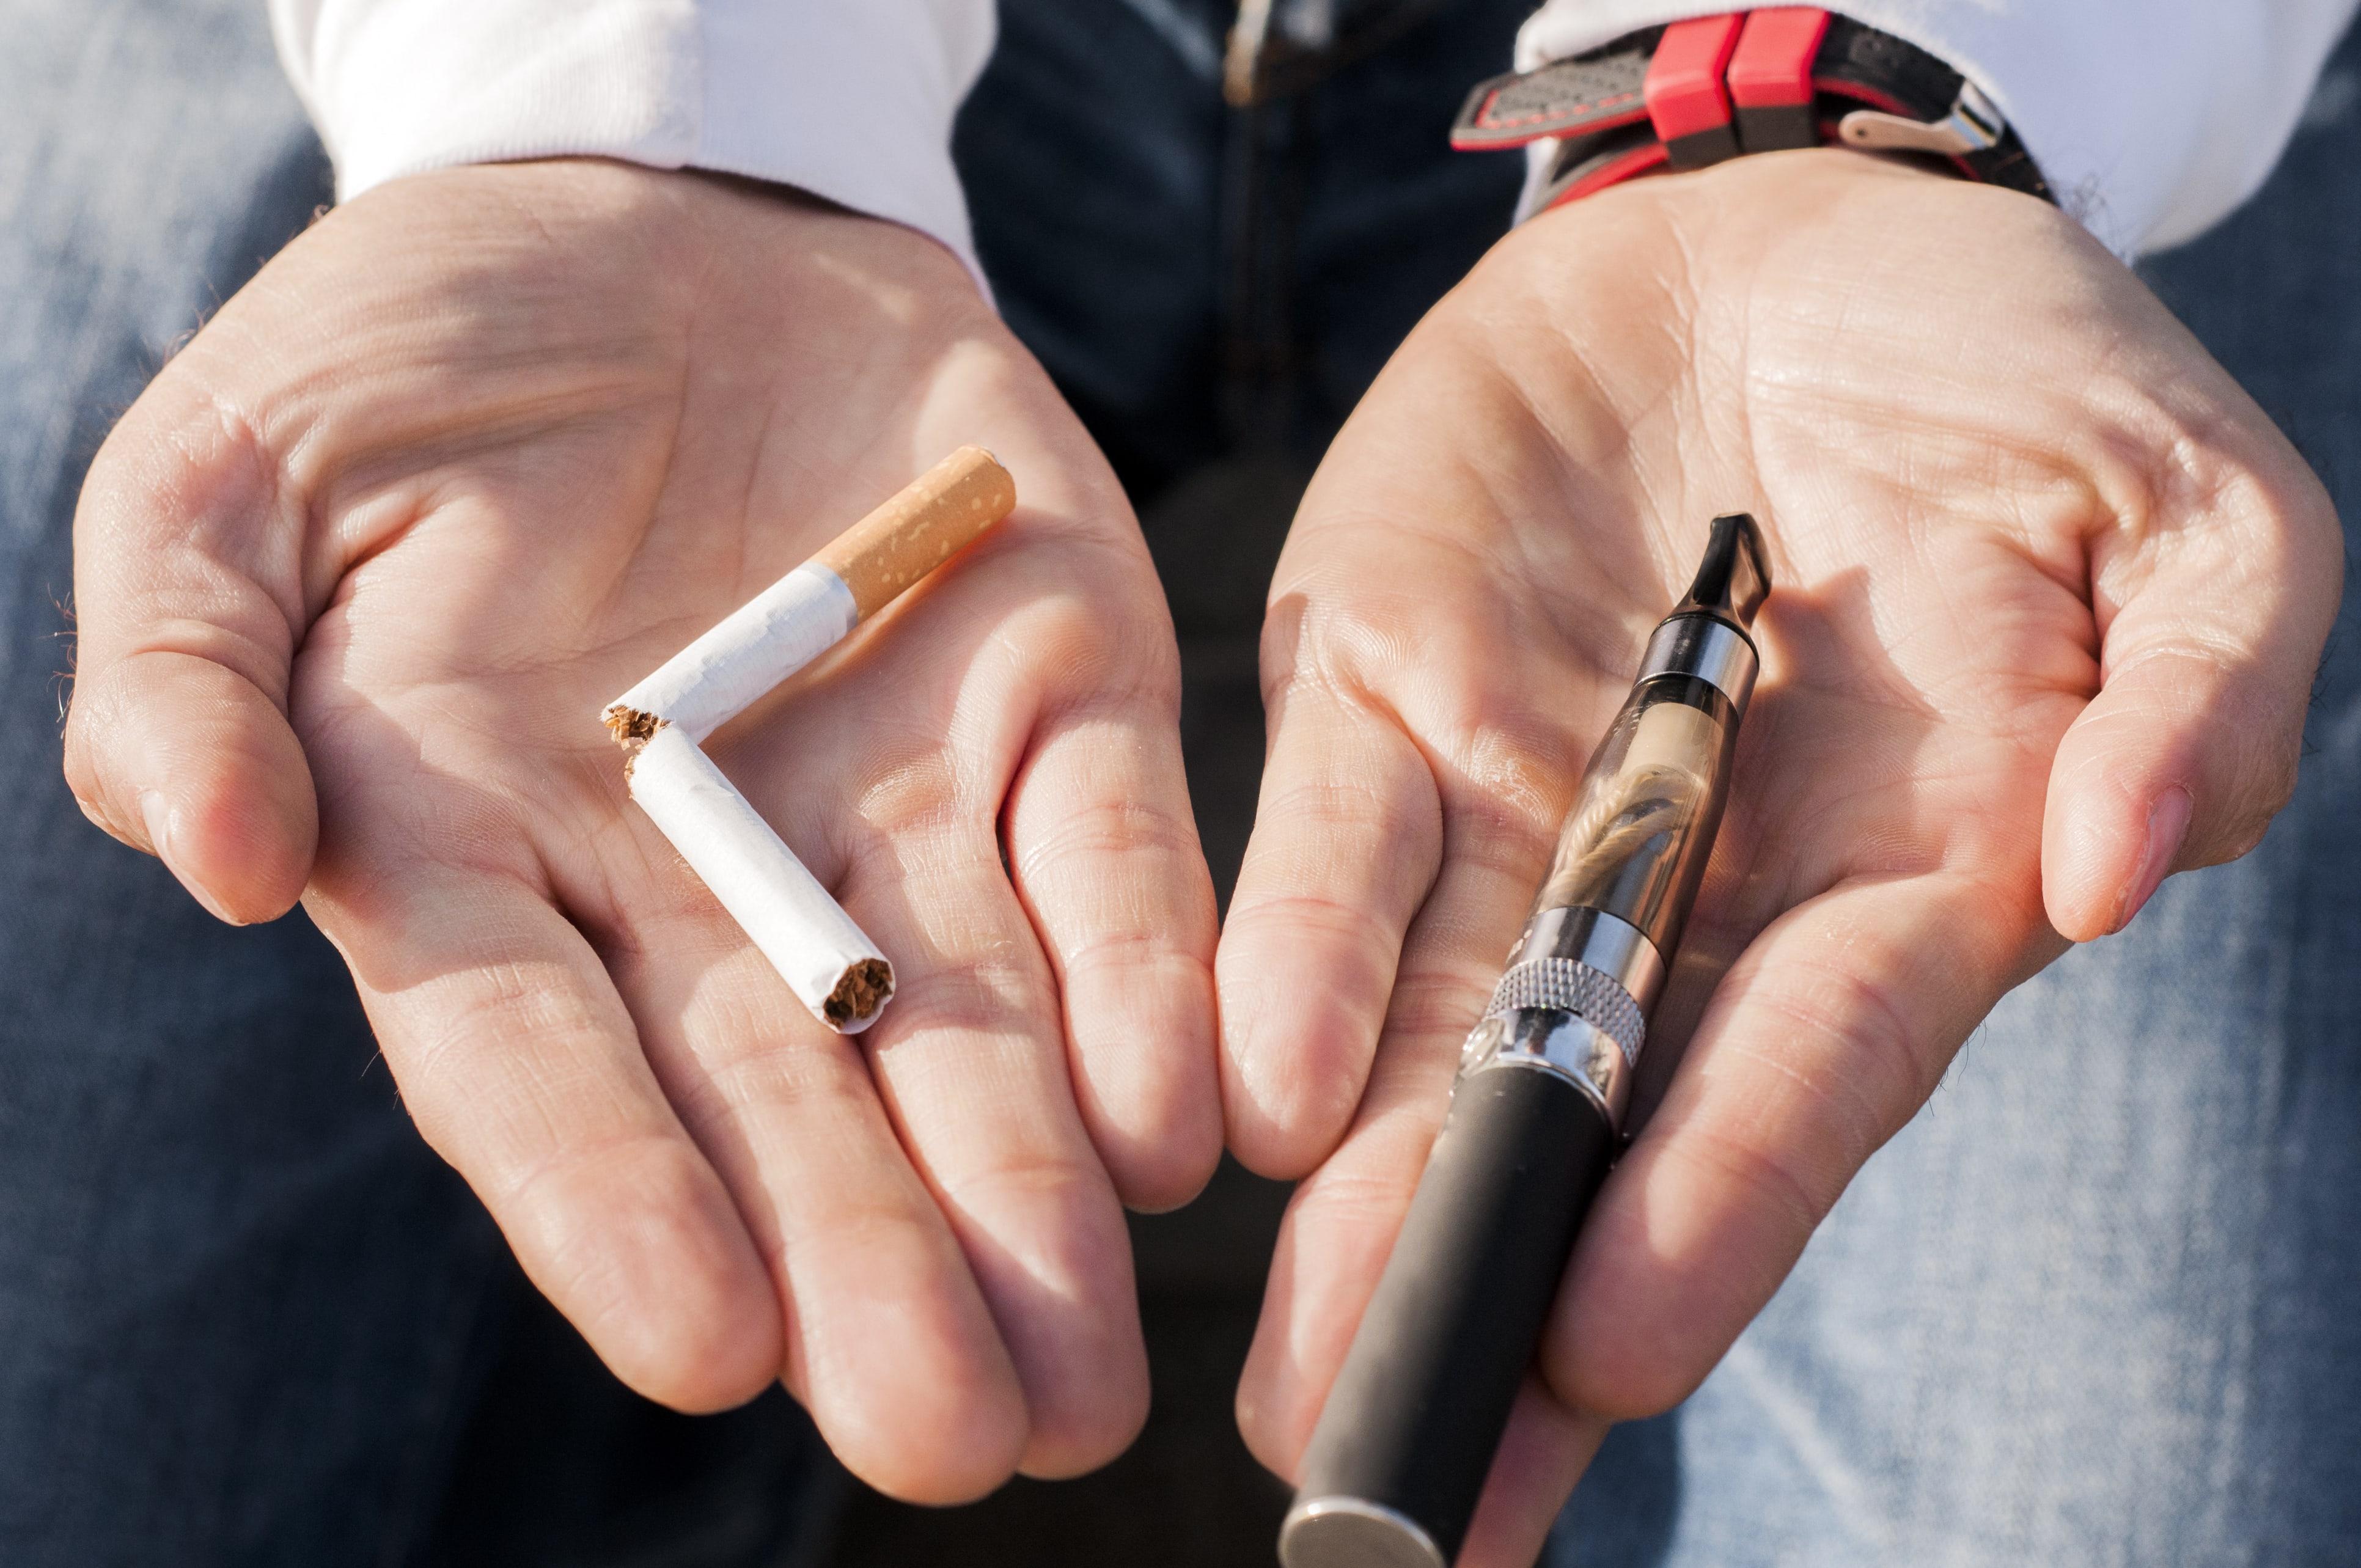 Sigaretta elettronica per la lotta al tabagismo